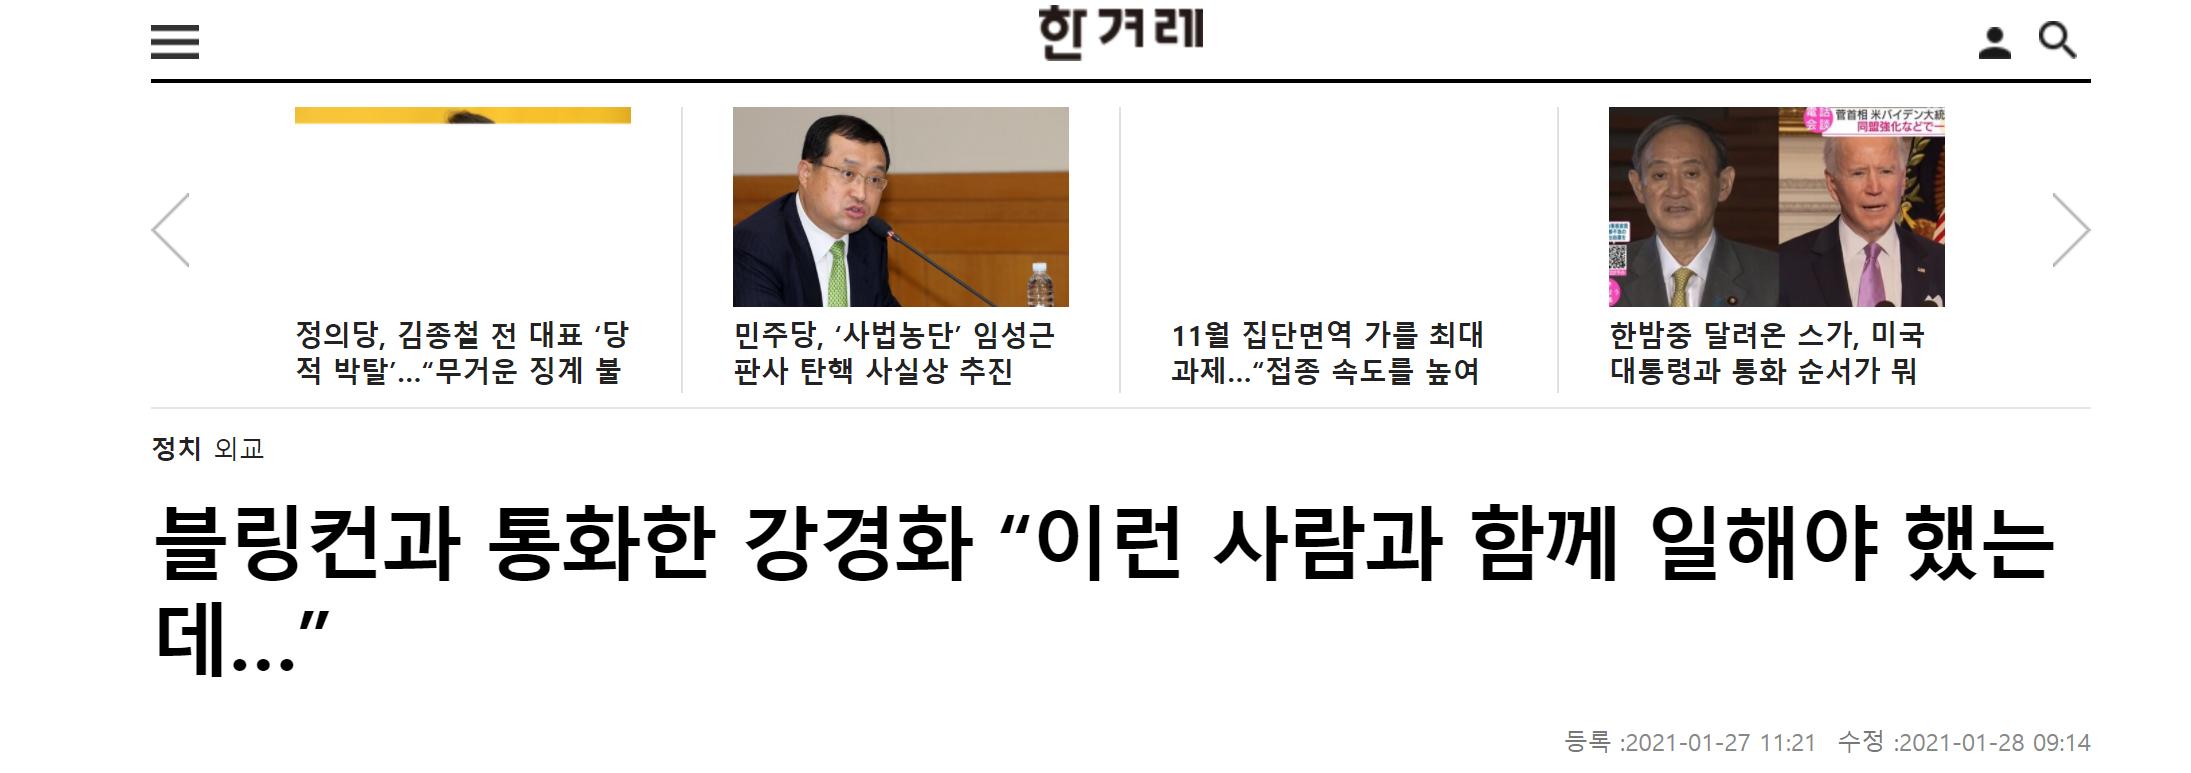 《韩民族日报》:和布林肯通话后,康京和: